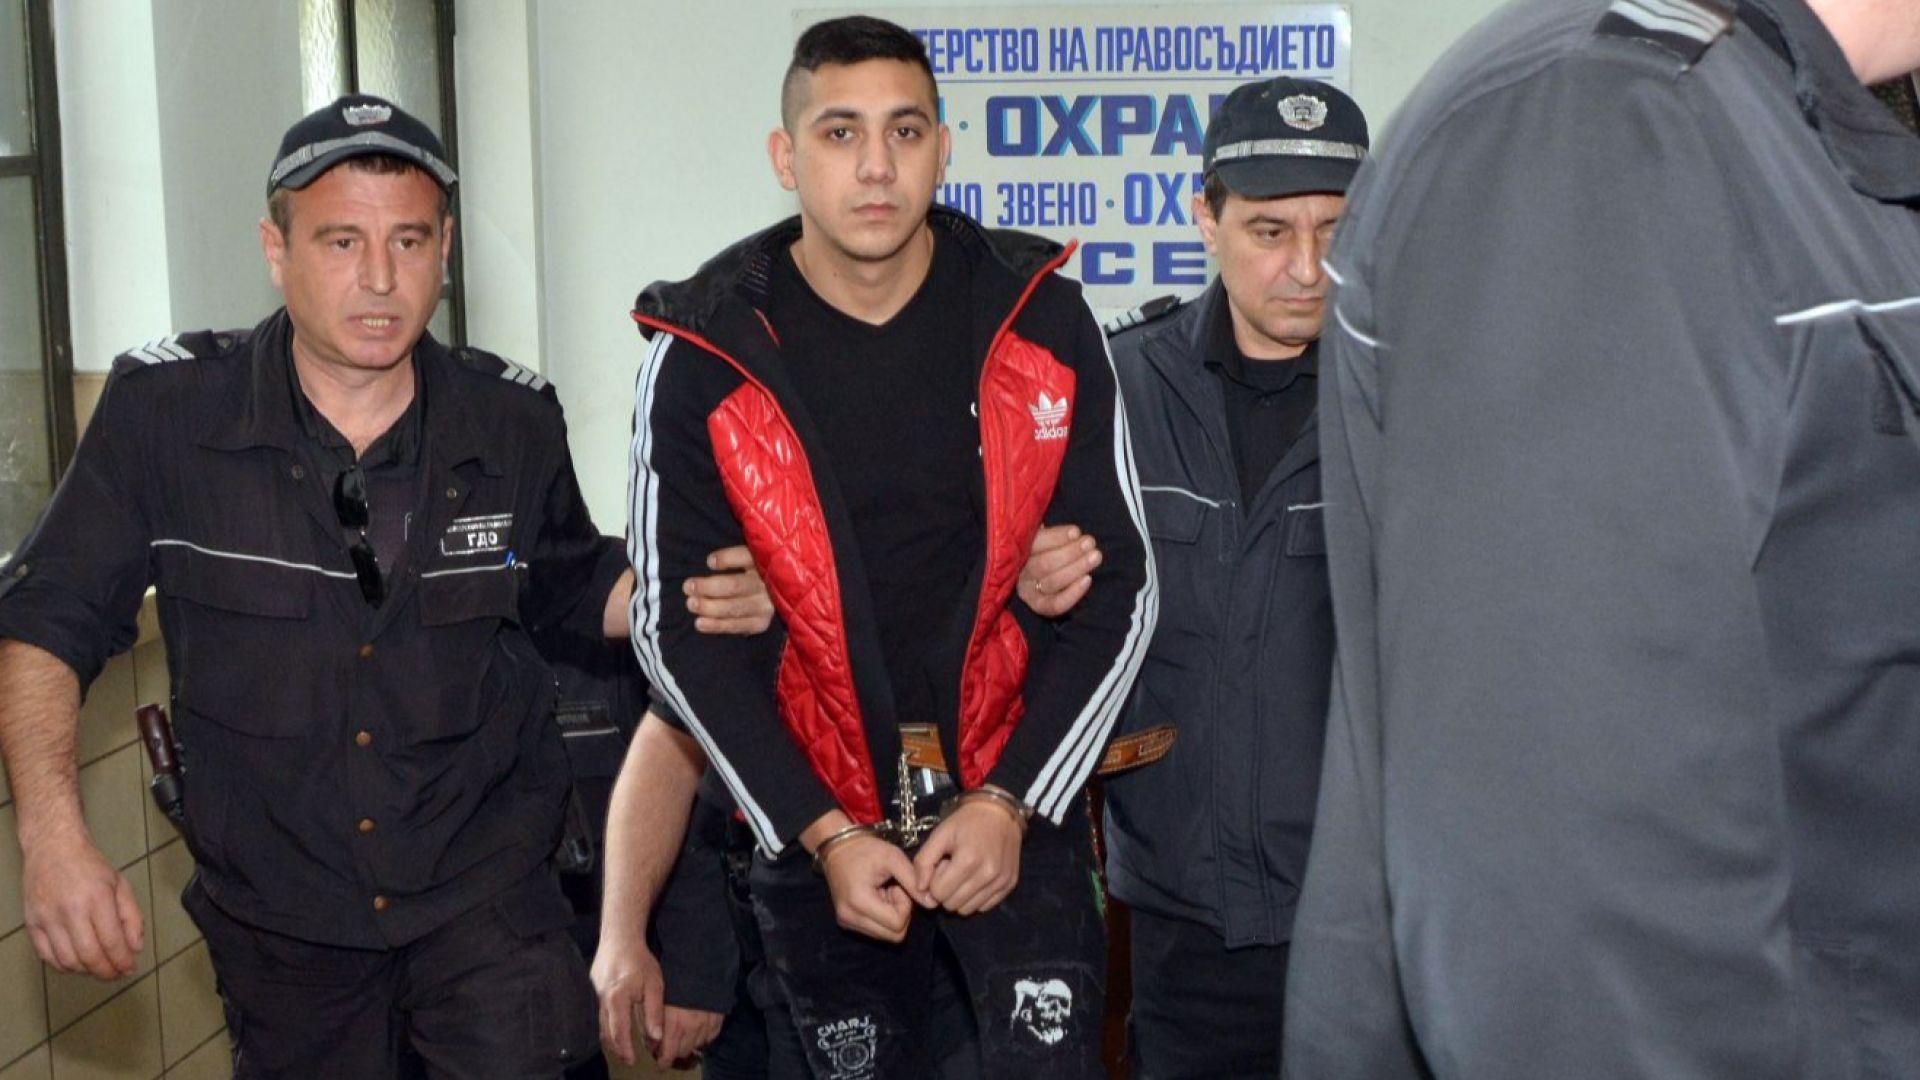 Окръжният съд в Русе даде общо 30 години затвор при